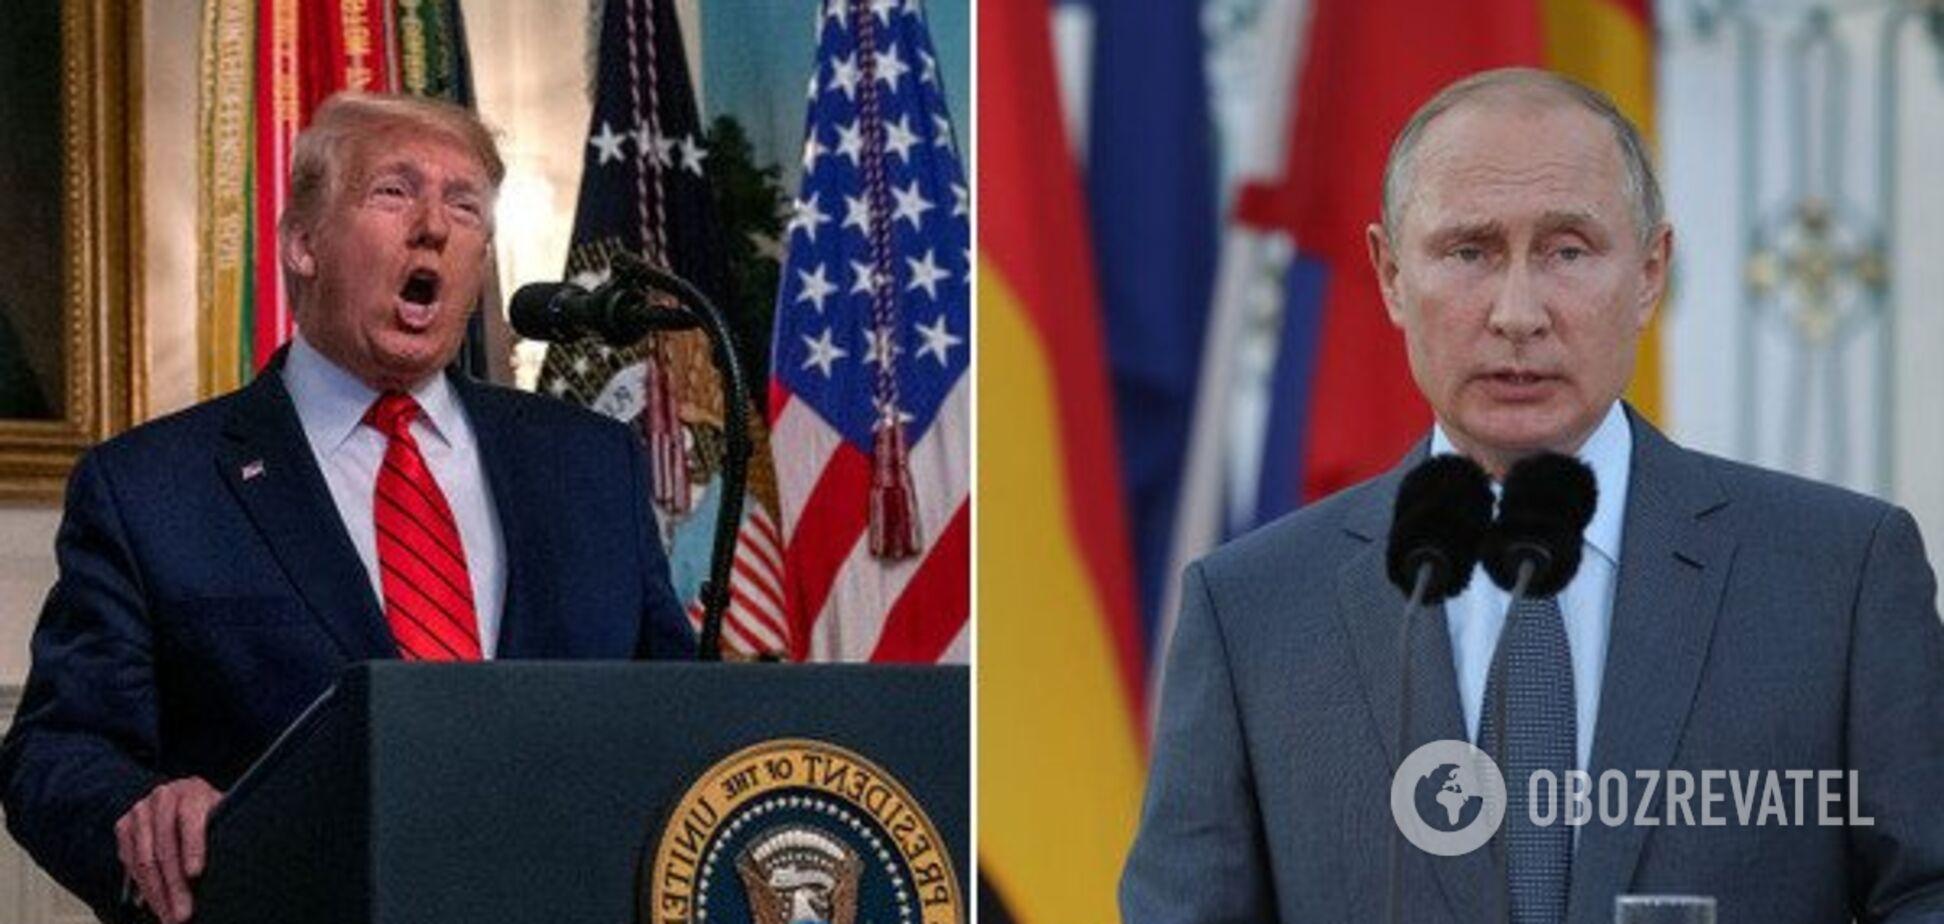 Трамп работает на Путина? Киеву дали важный совет из-за скандала с США